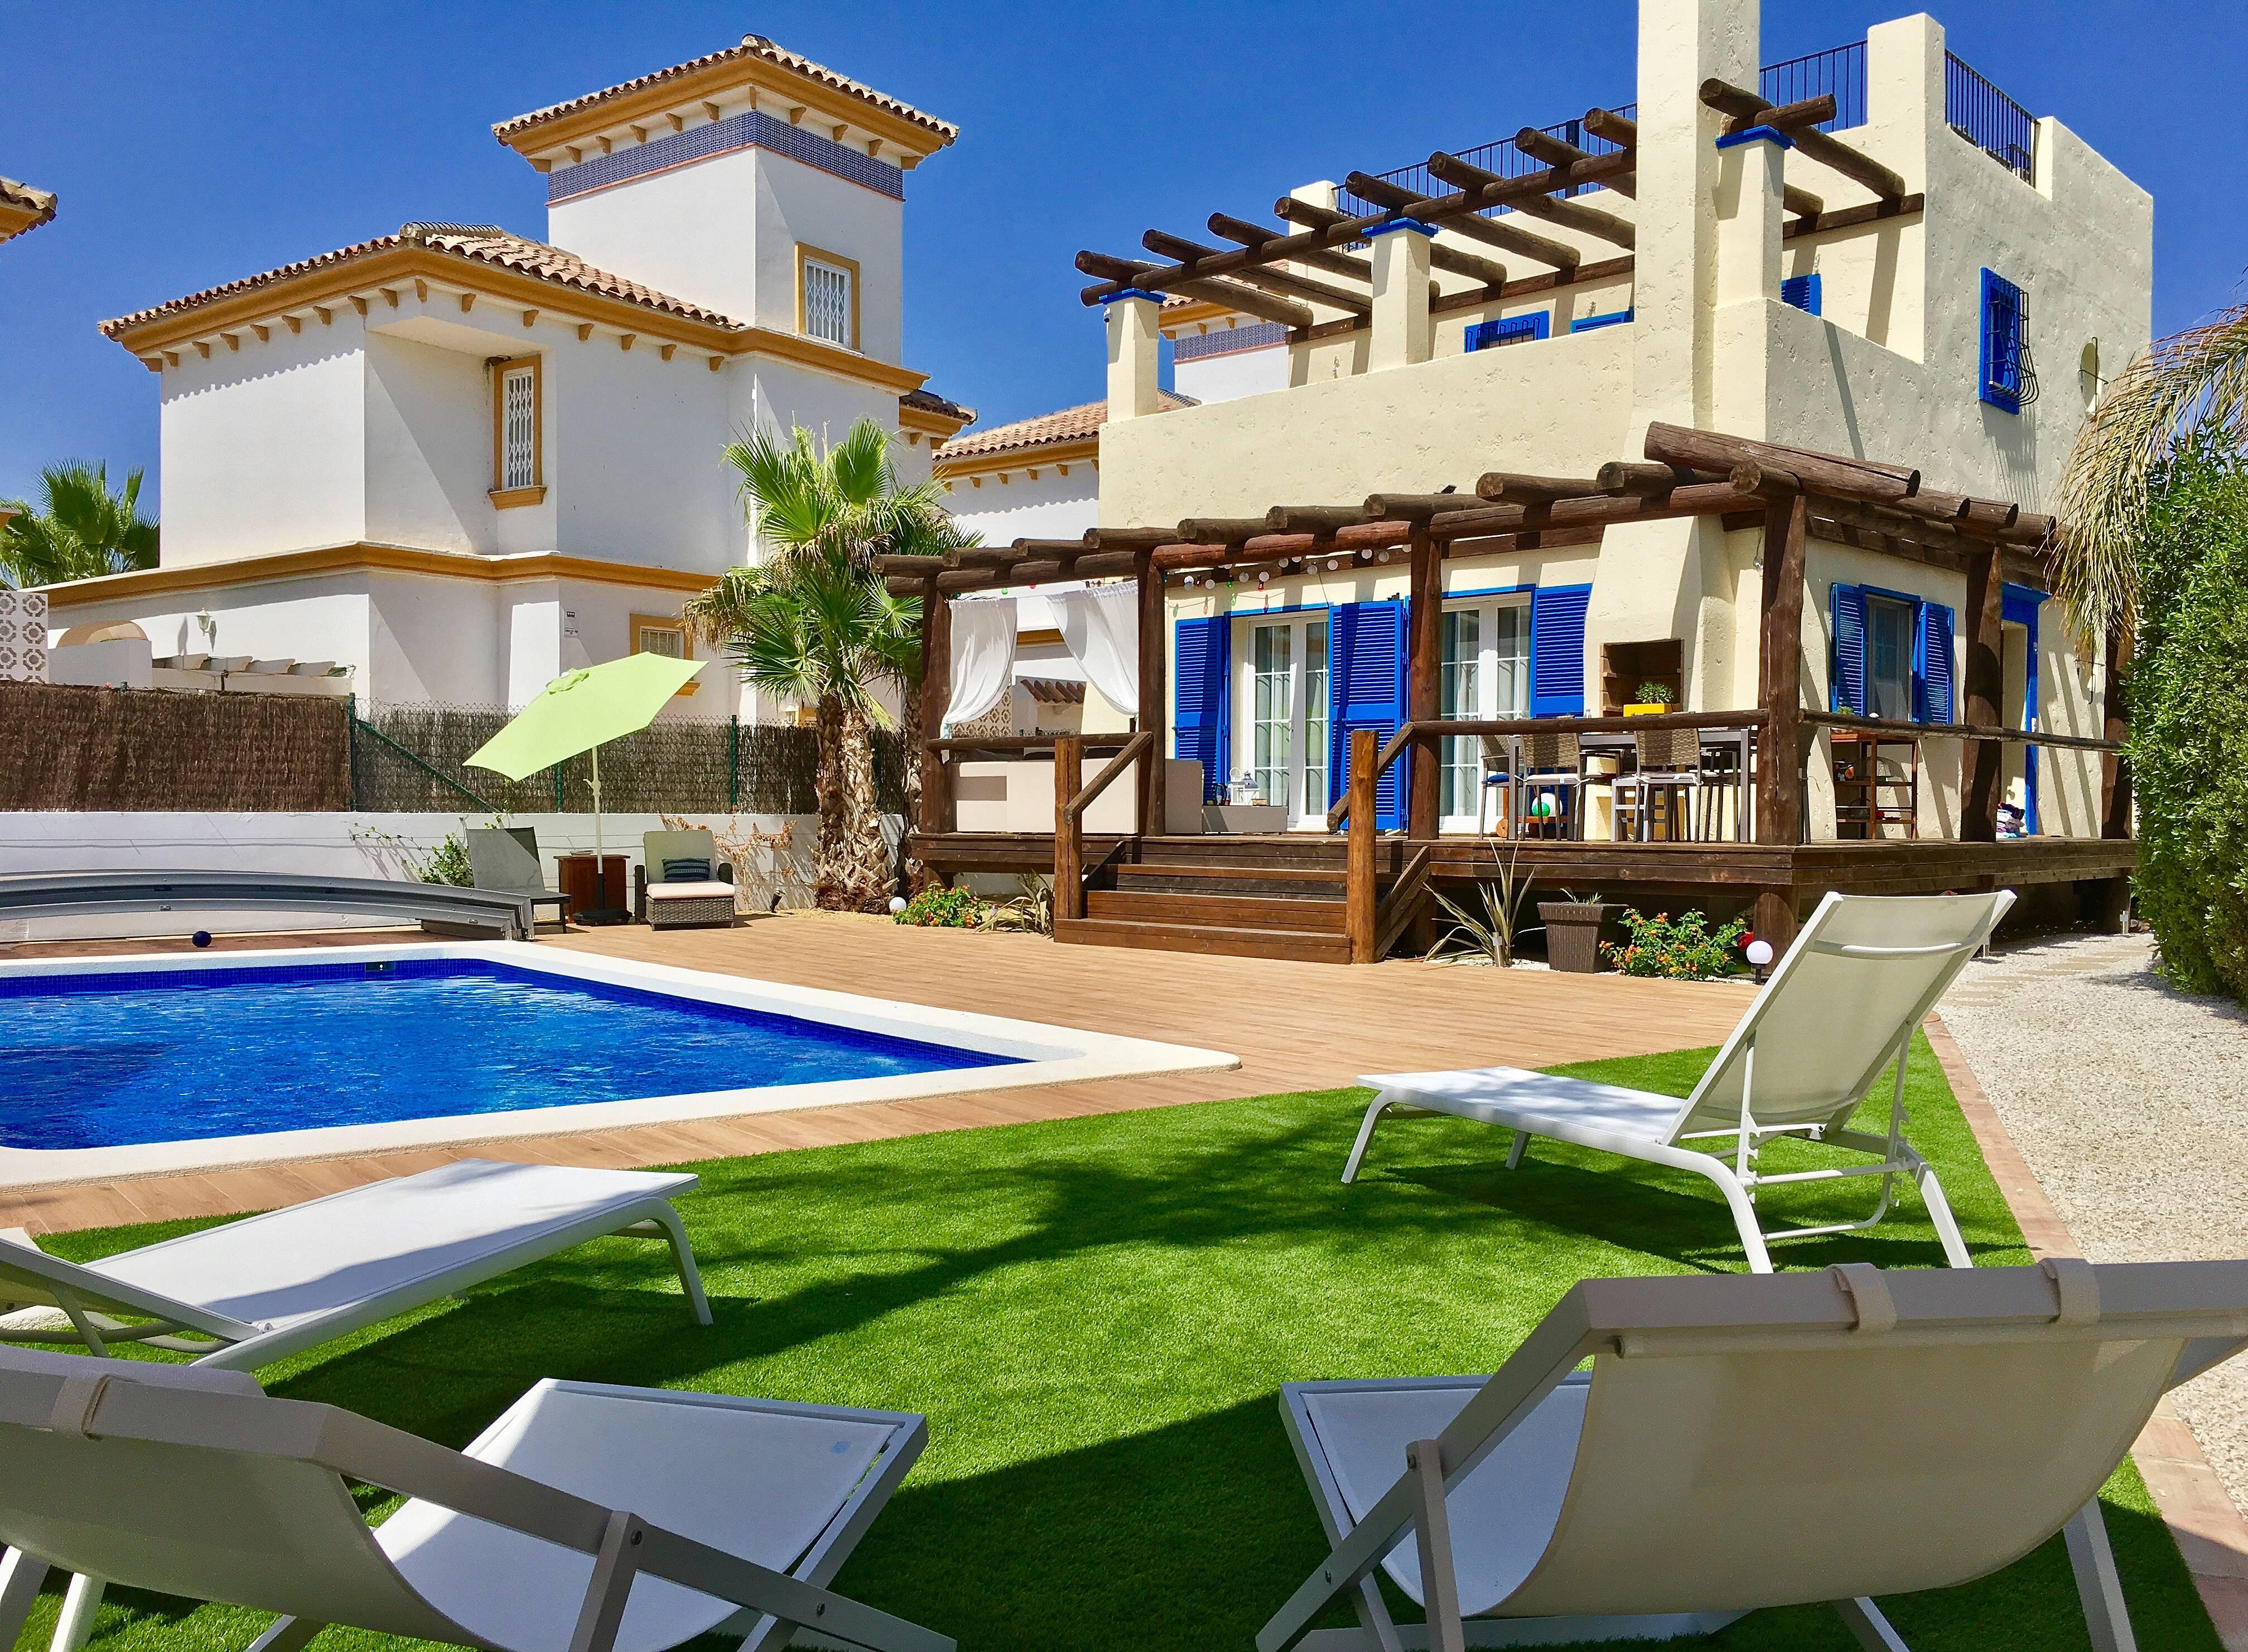 Villa con piscina privada muy cerca playa vera playa for Piscinas almeria